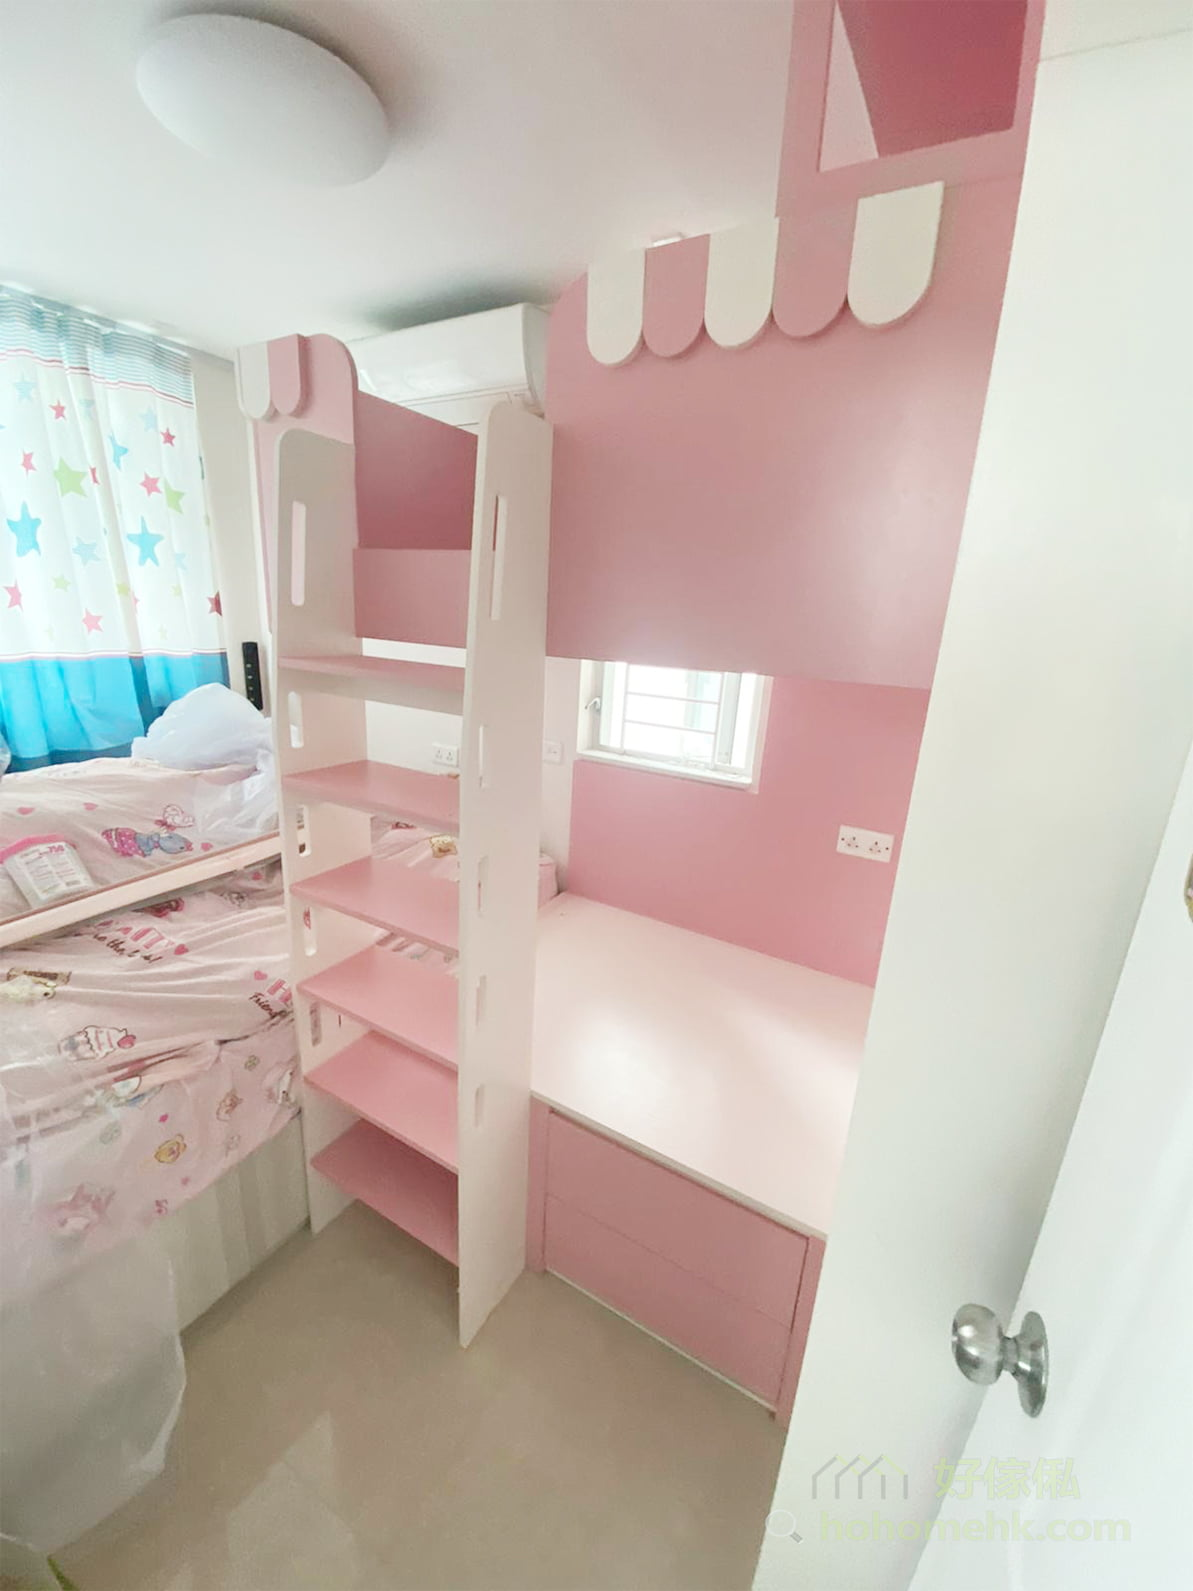 粉紅色與白色組成最夢幻的組合床/碌架床/上下格床